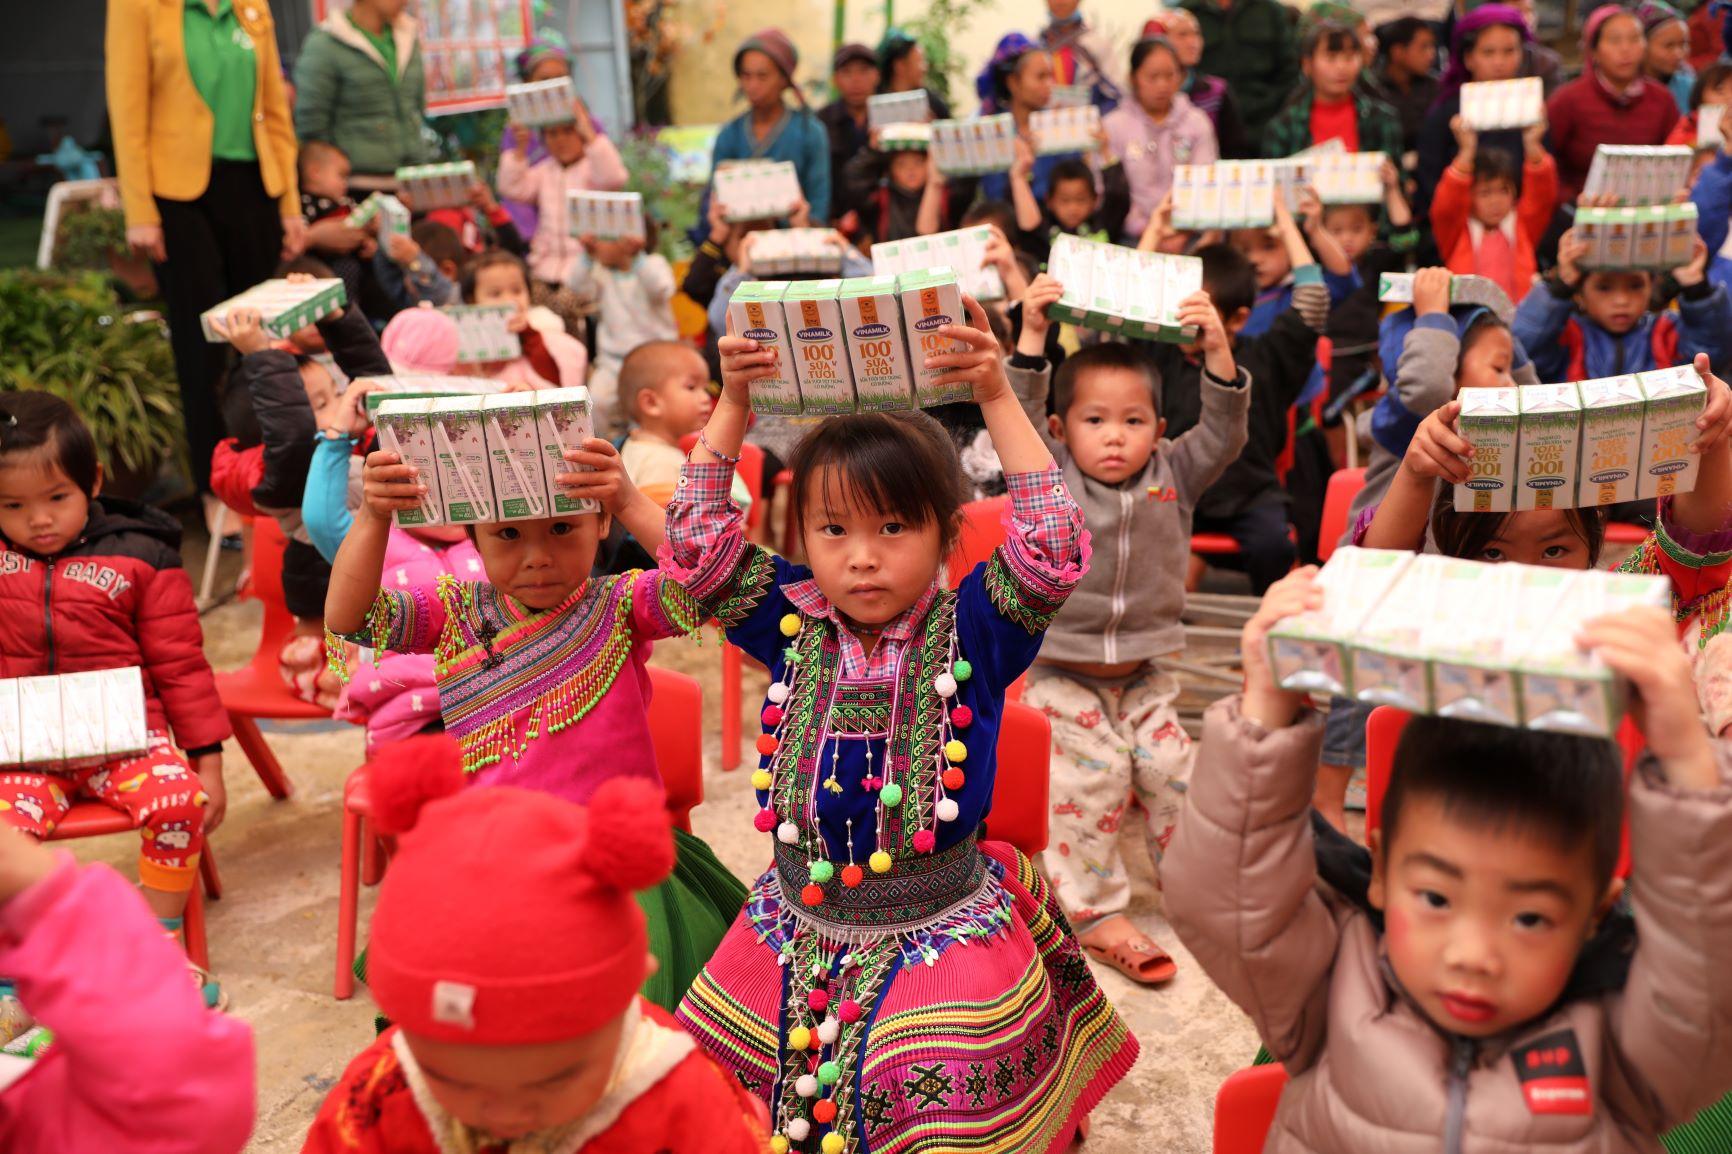 Đến trường với niềm vui uống sữa của trẻ vùng cao Hà Giang đã không còn là ước mơ 13